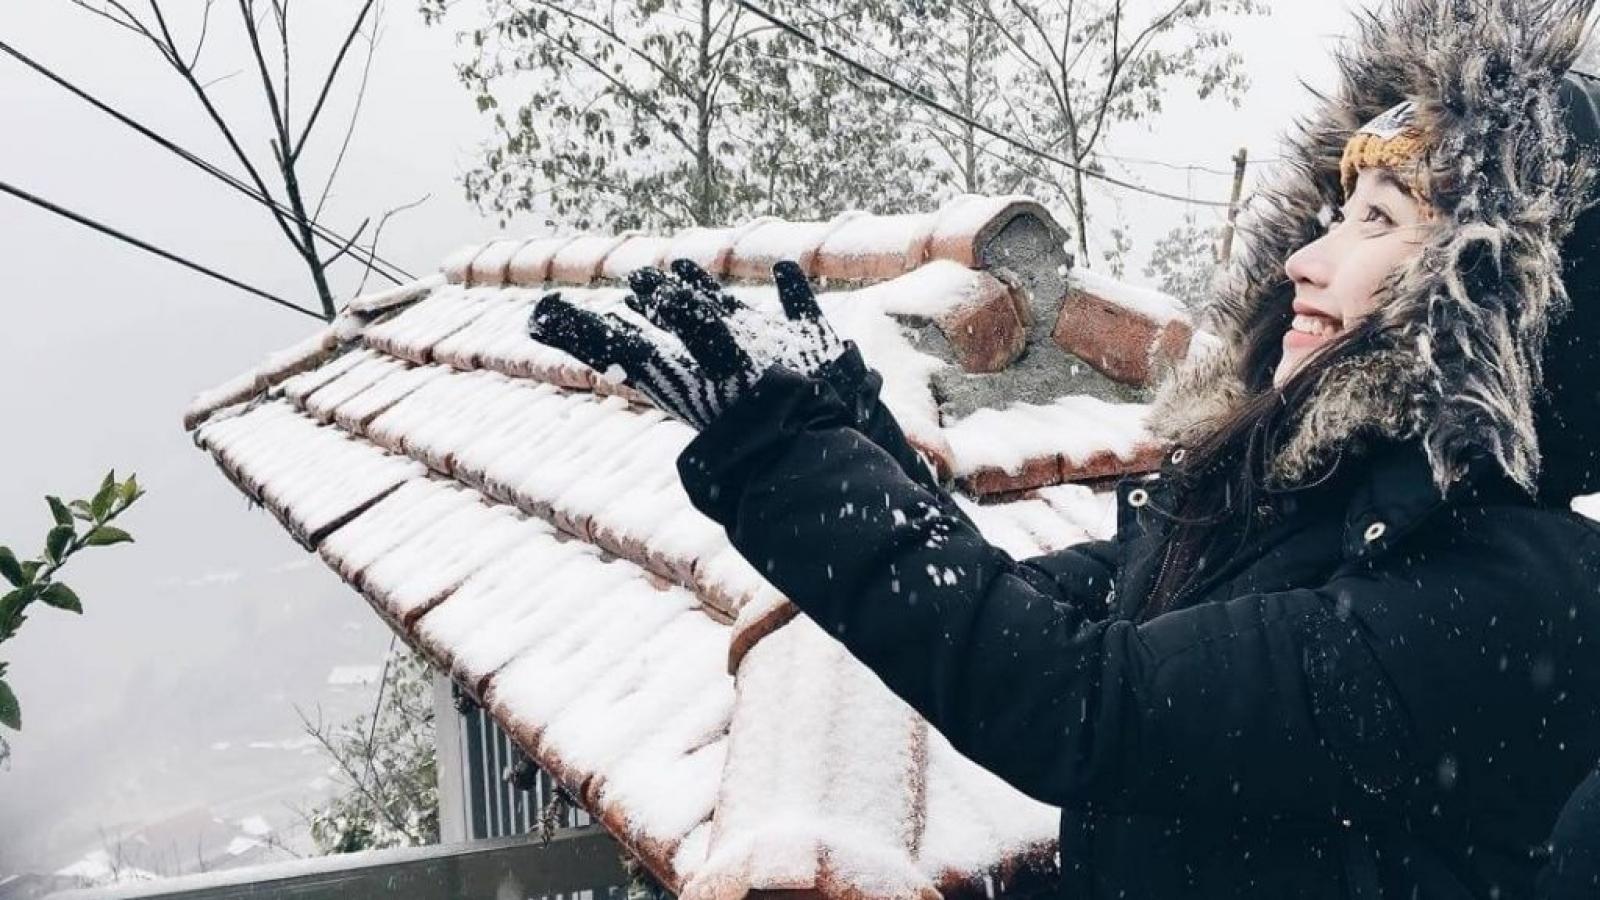 Một số lời khuyên hữu ích cho chuyến du lịch mùa đông